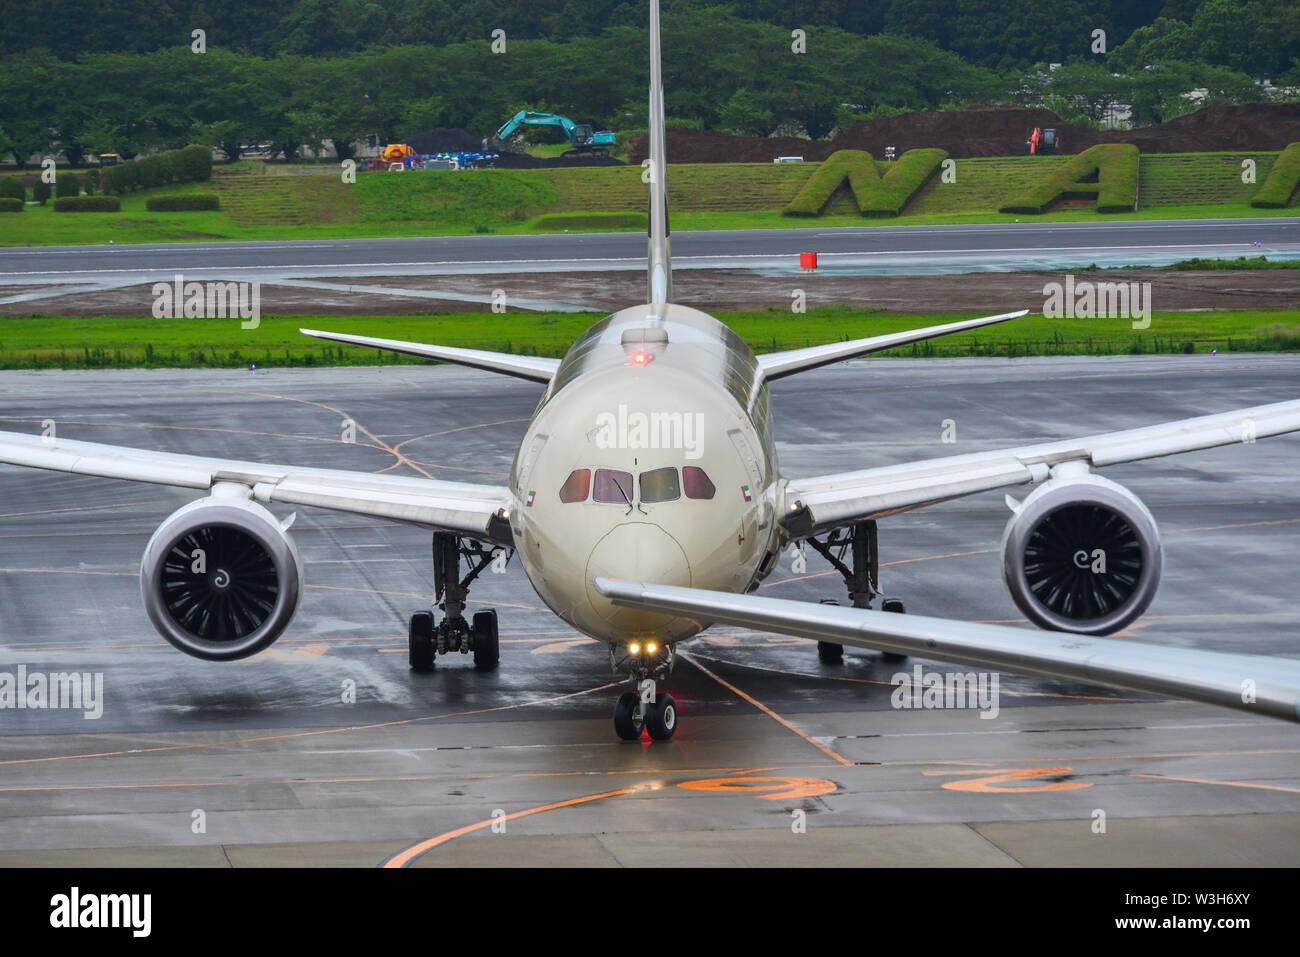 Tokyo, Japan - Jul 4, 2019. A6-BLI Etihad Airways Boeing 787-9 Dreamliner taxiing on runway of Tokyo Narita Airport (NRT). - Stock Image